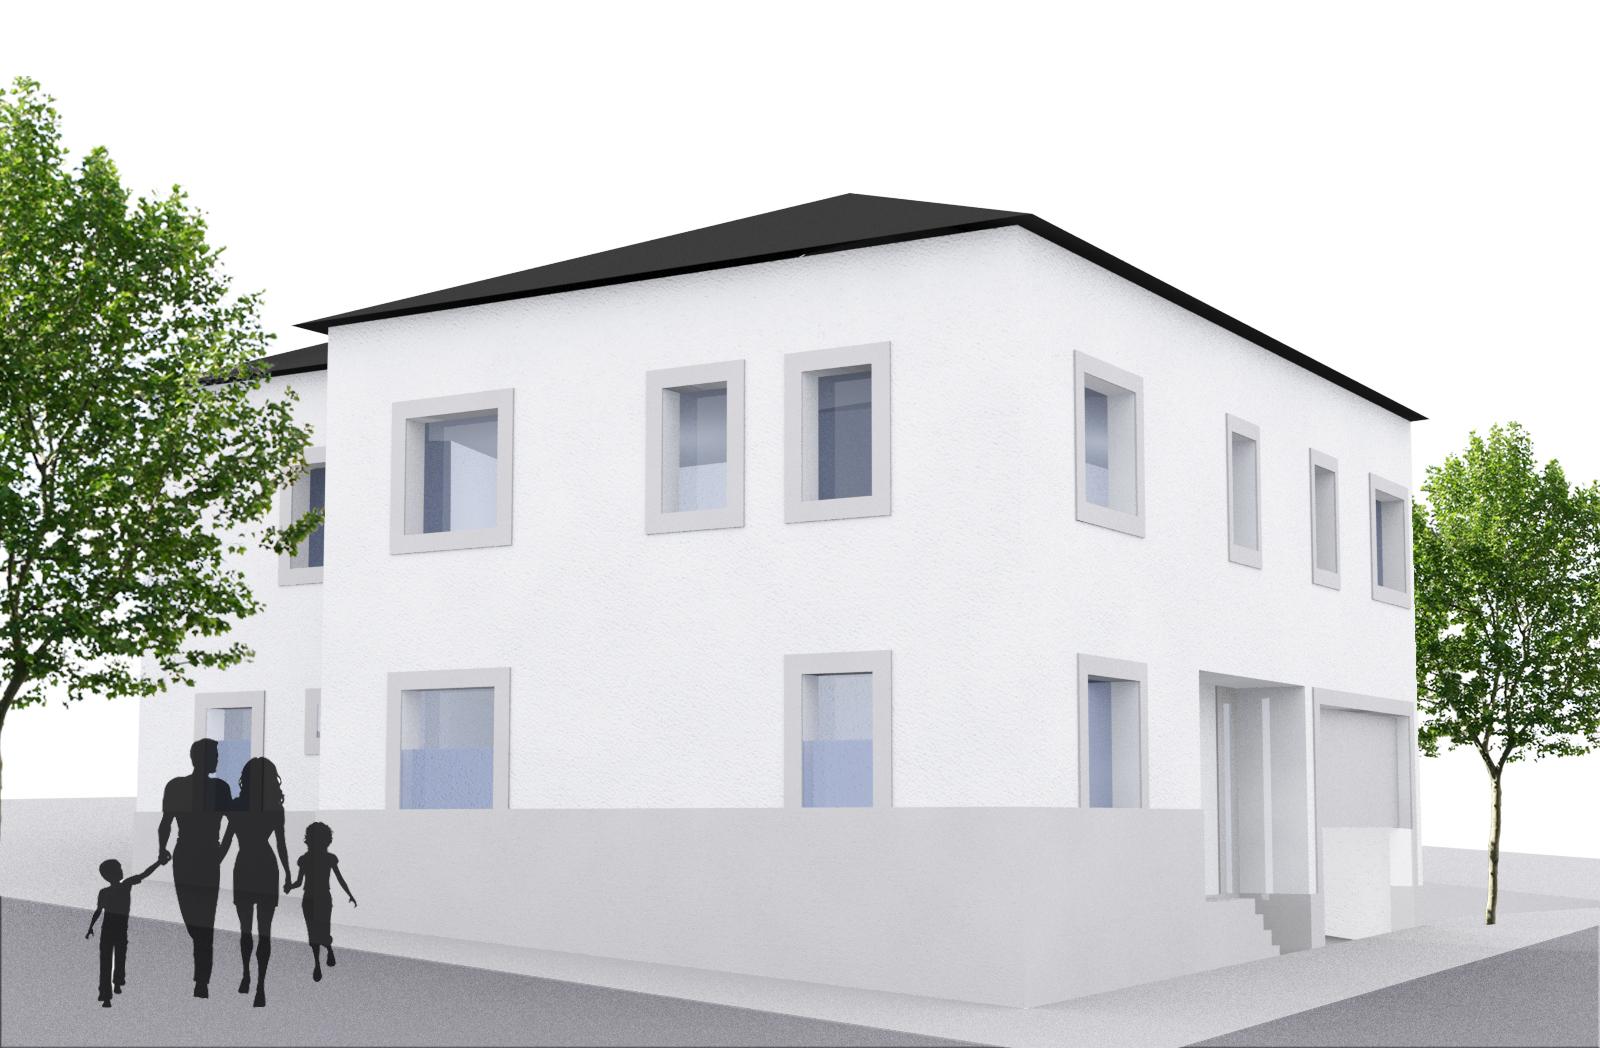 Obra nueva. Edificio con tres viviendas en Viana do Bolo